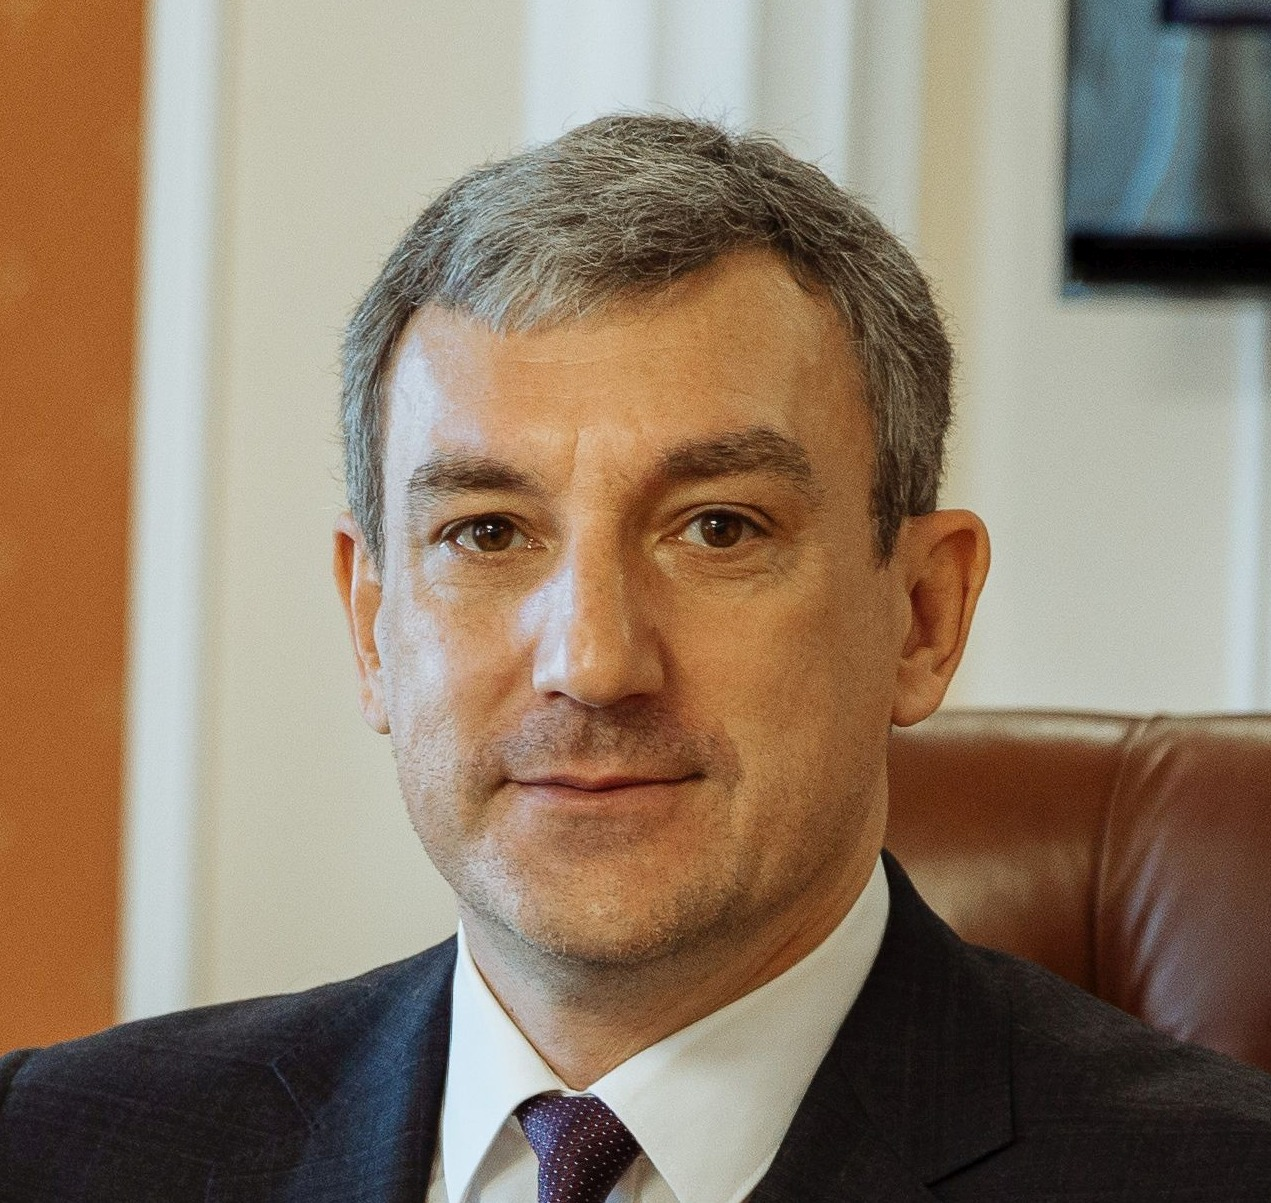 Vasily Orlov